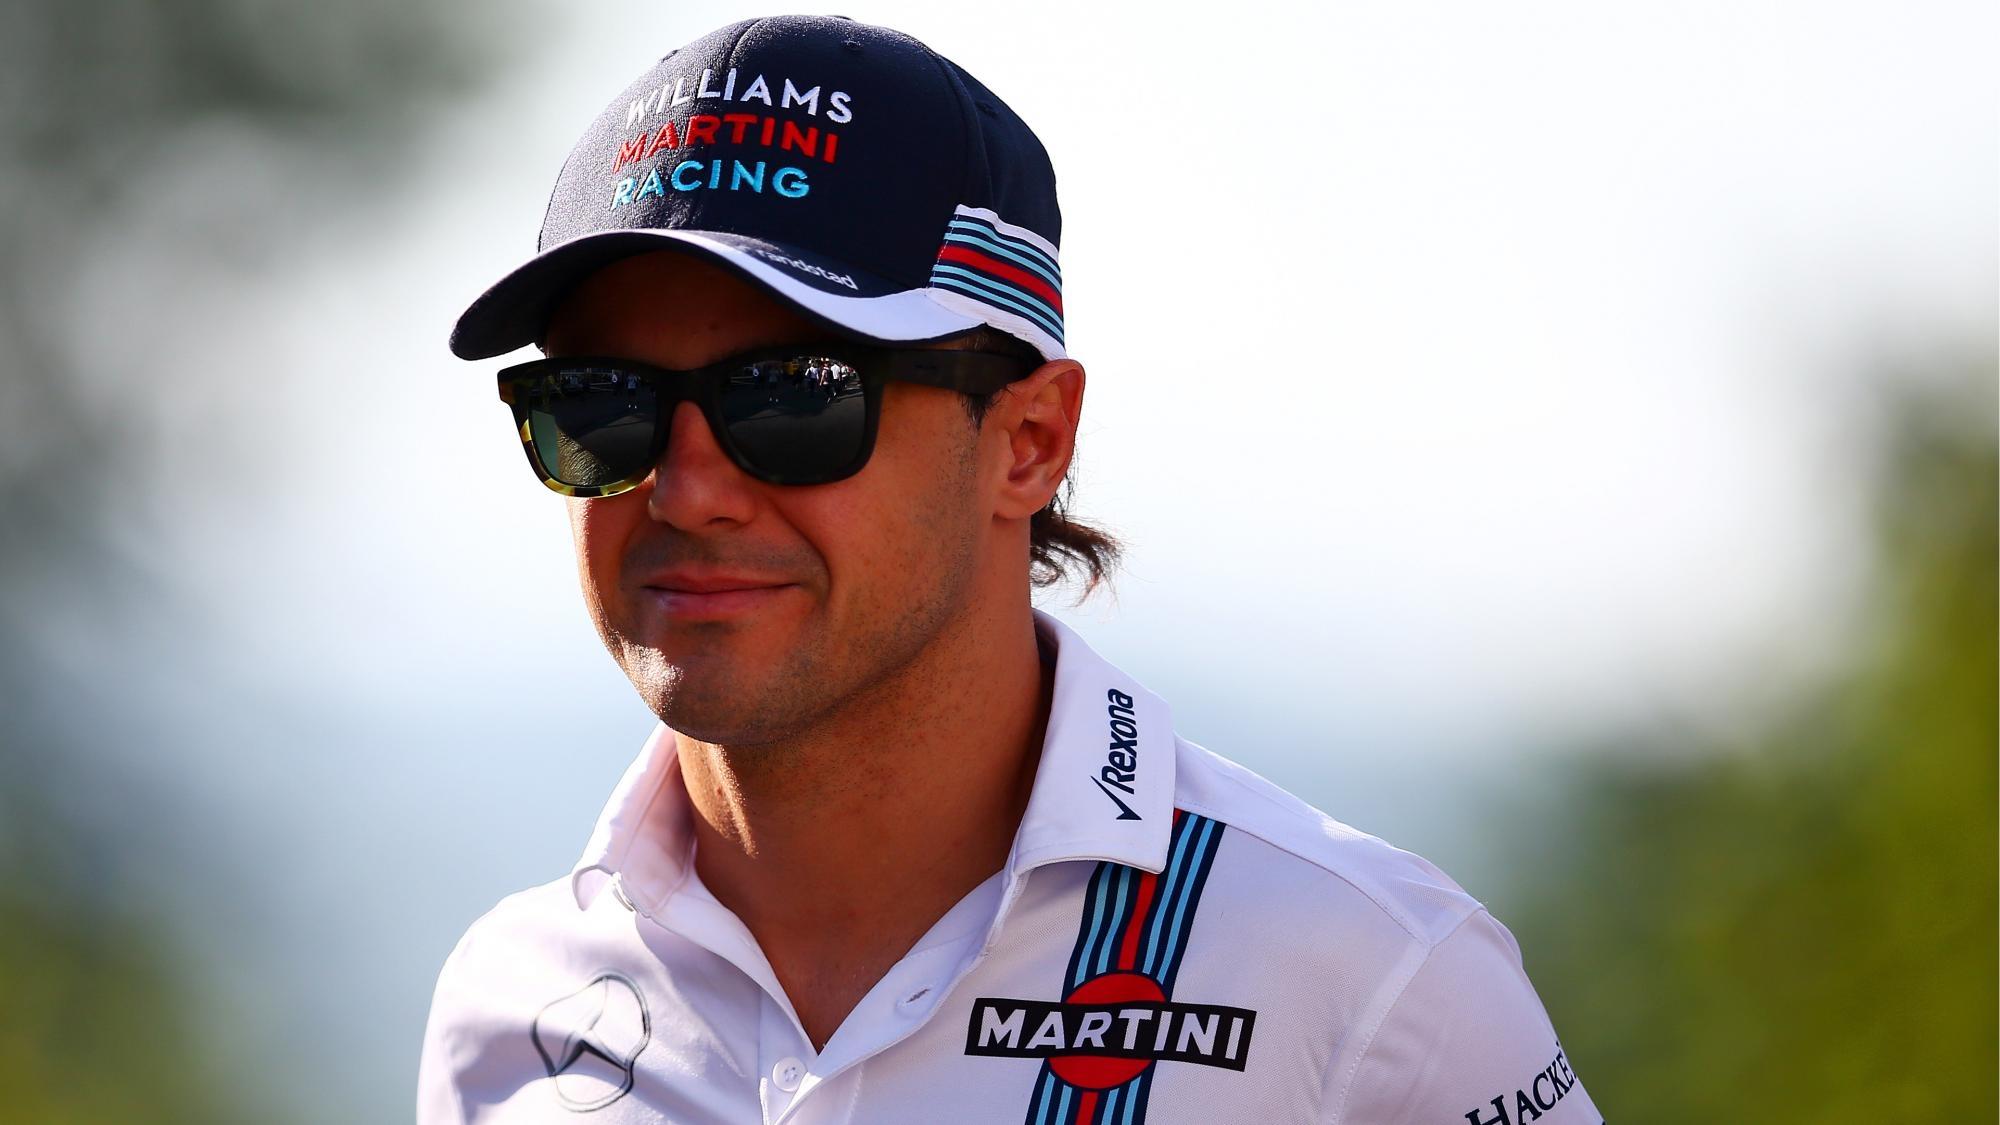 Фелипе Масса возвращается вФормулу 1: Уильямс объявил гонщика